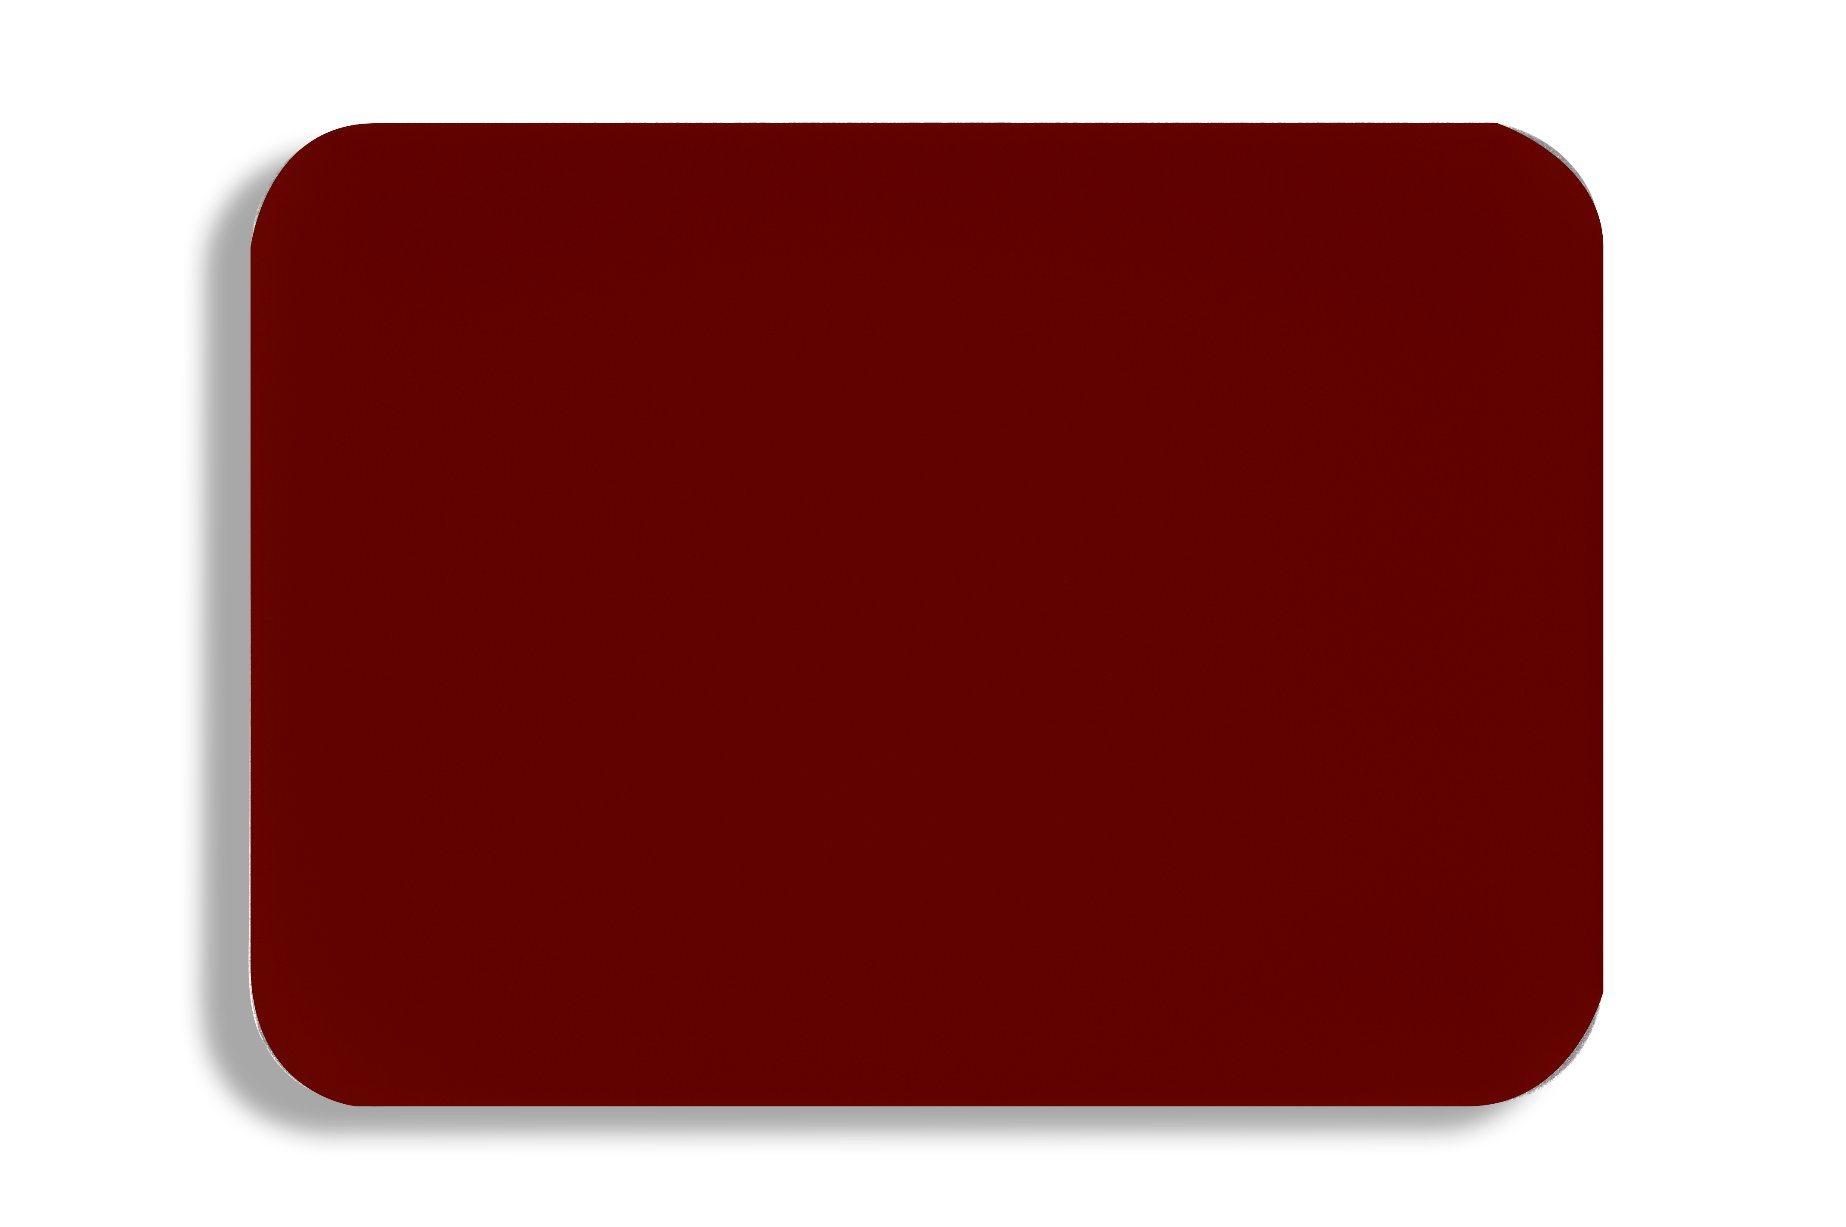 Aluis Exterior 5mm Aluminium Composite Panel-0.50mm Aluminium Skin Thickness of PVDF Dark Red